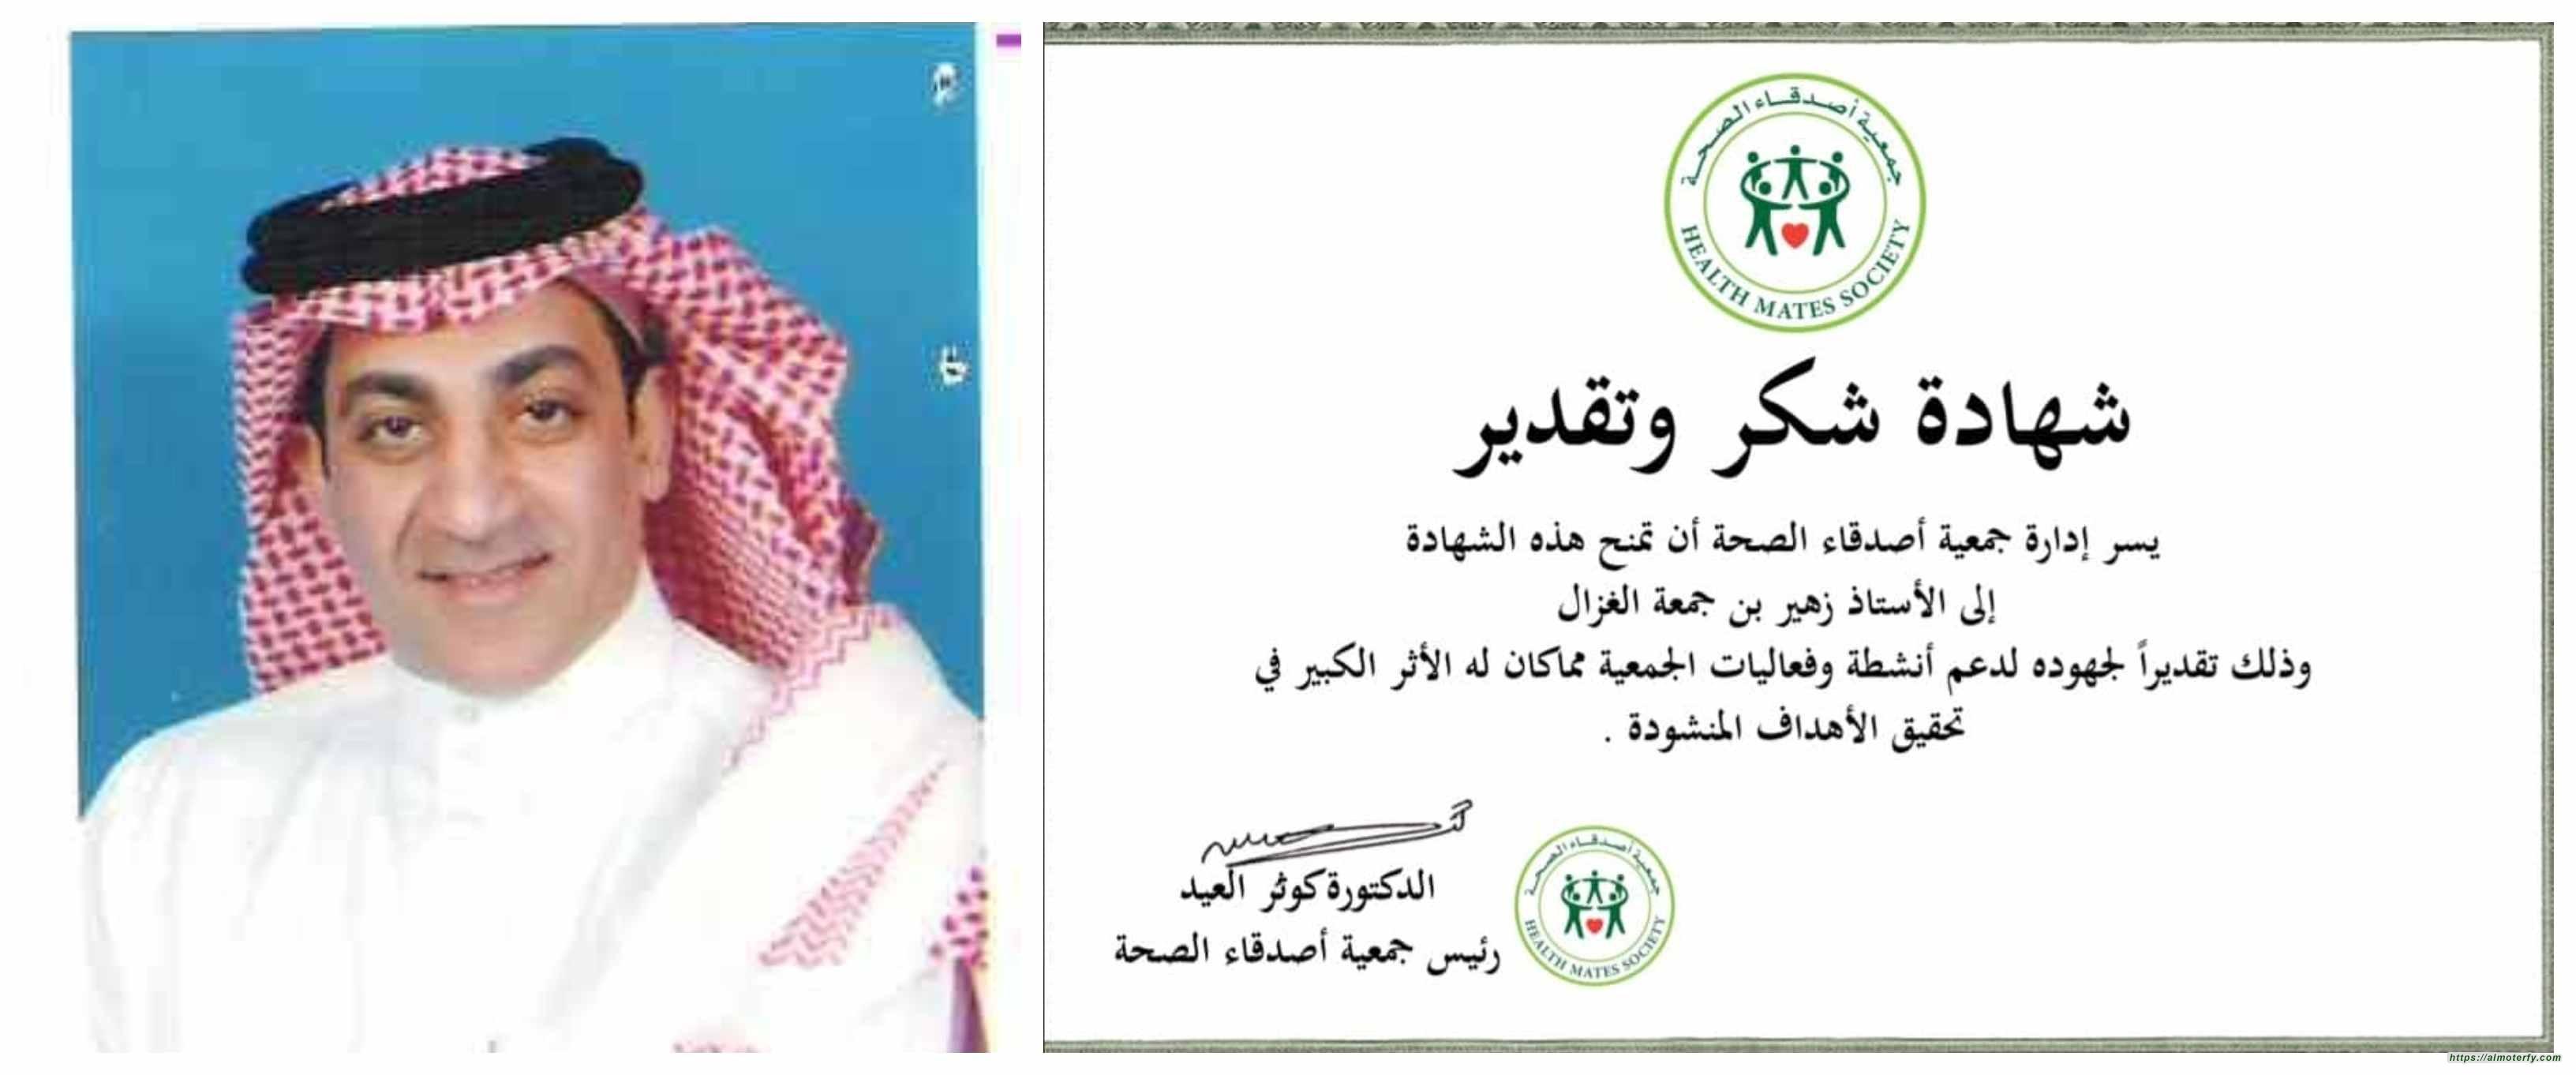 جمعية أصدقاء الصحة في مملكة البحرين تكرم الاعلامي السعودي الزميل زهير الغزال